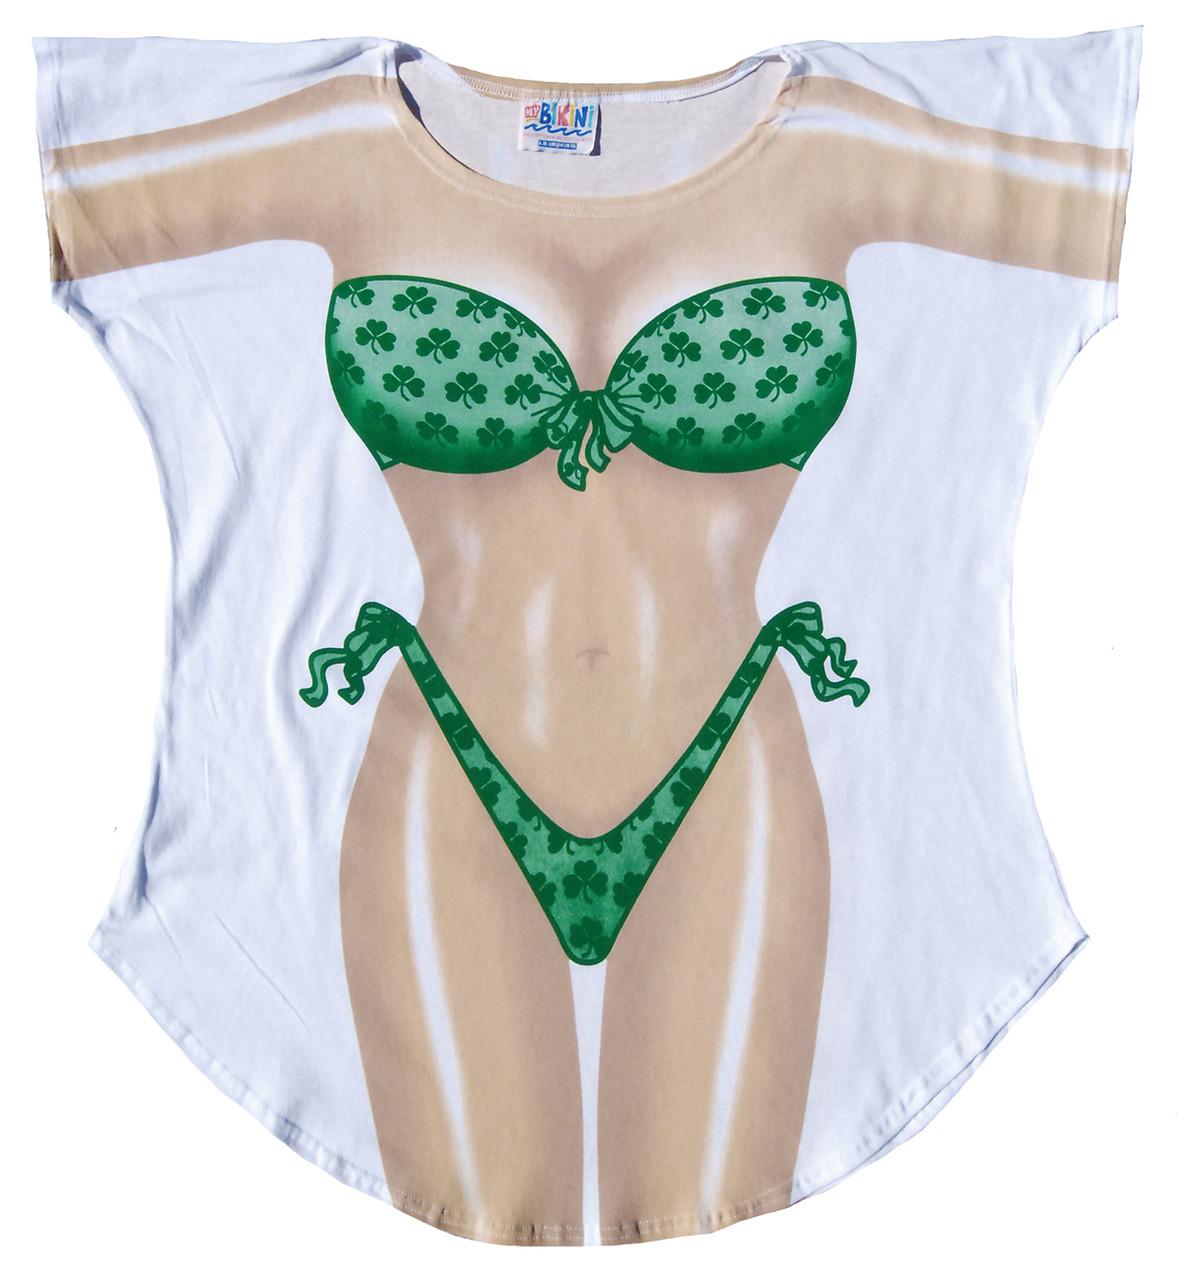 765f96730f Shamrock Bikini Womens Cover Up T-Shirt, Novelty Shamrock Bikini ...